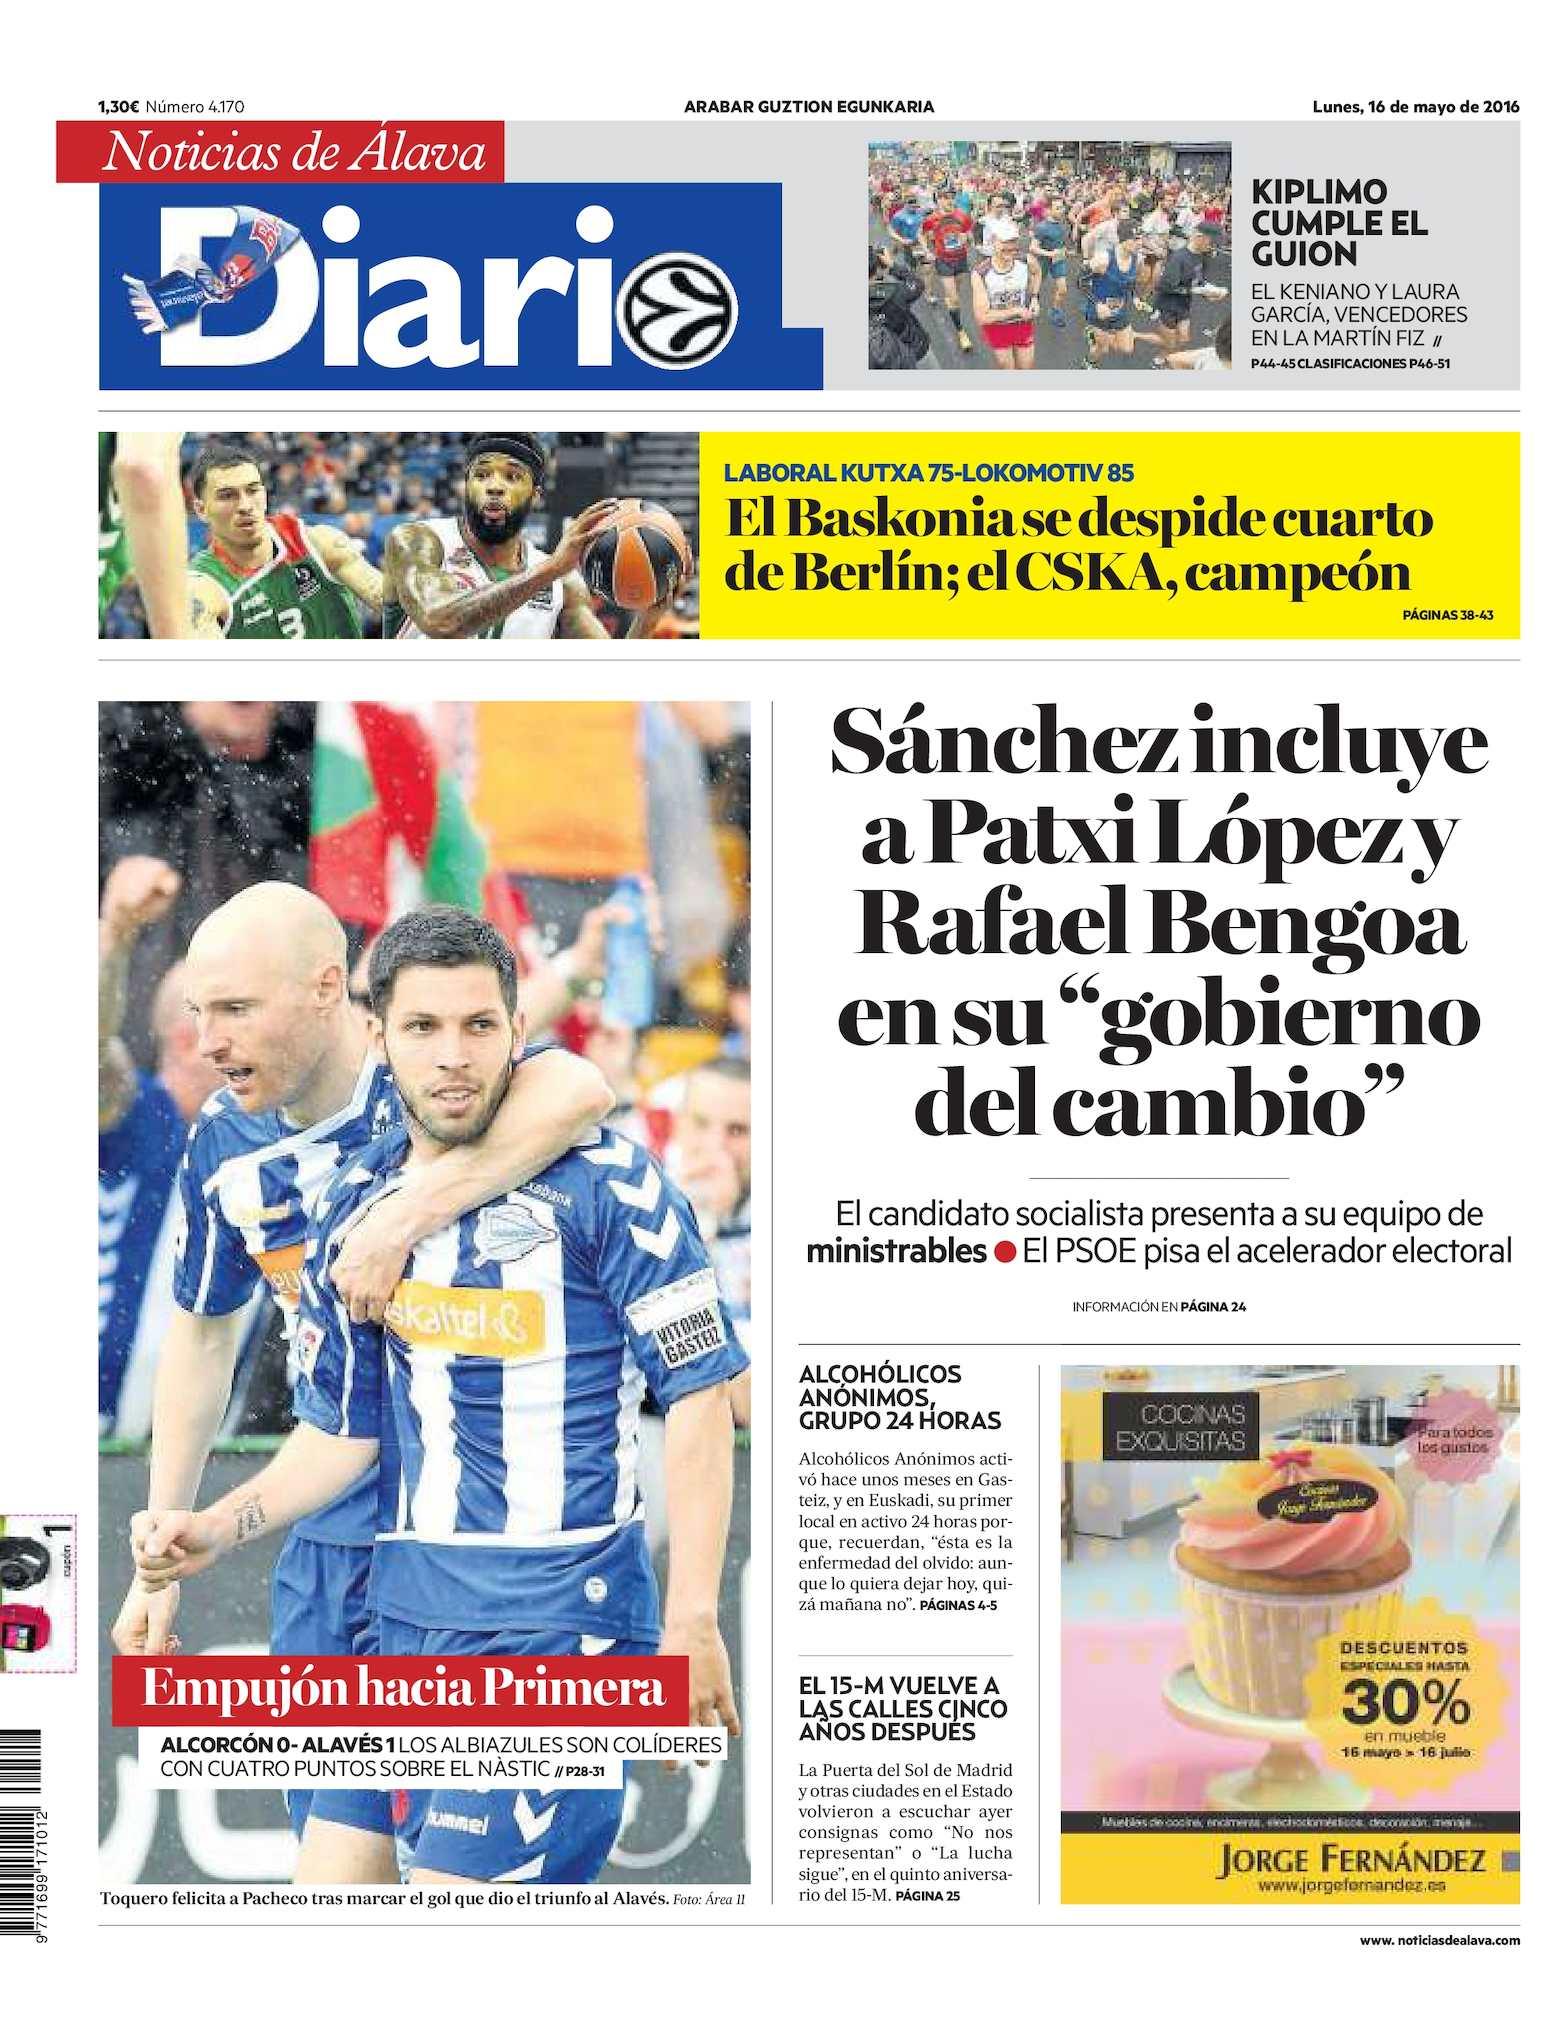 Calaméo - Diario de Noticias de Álava 20160516 09ae4a1c1fde